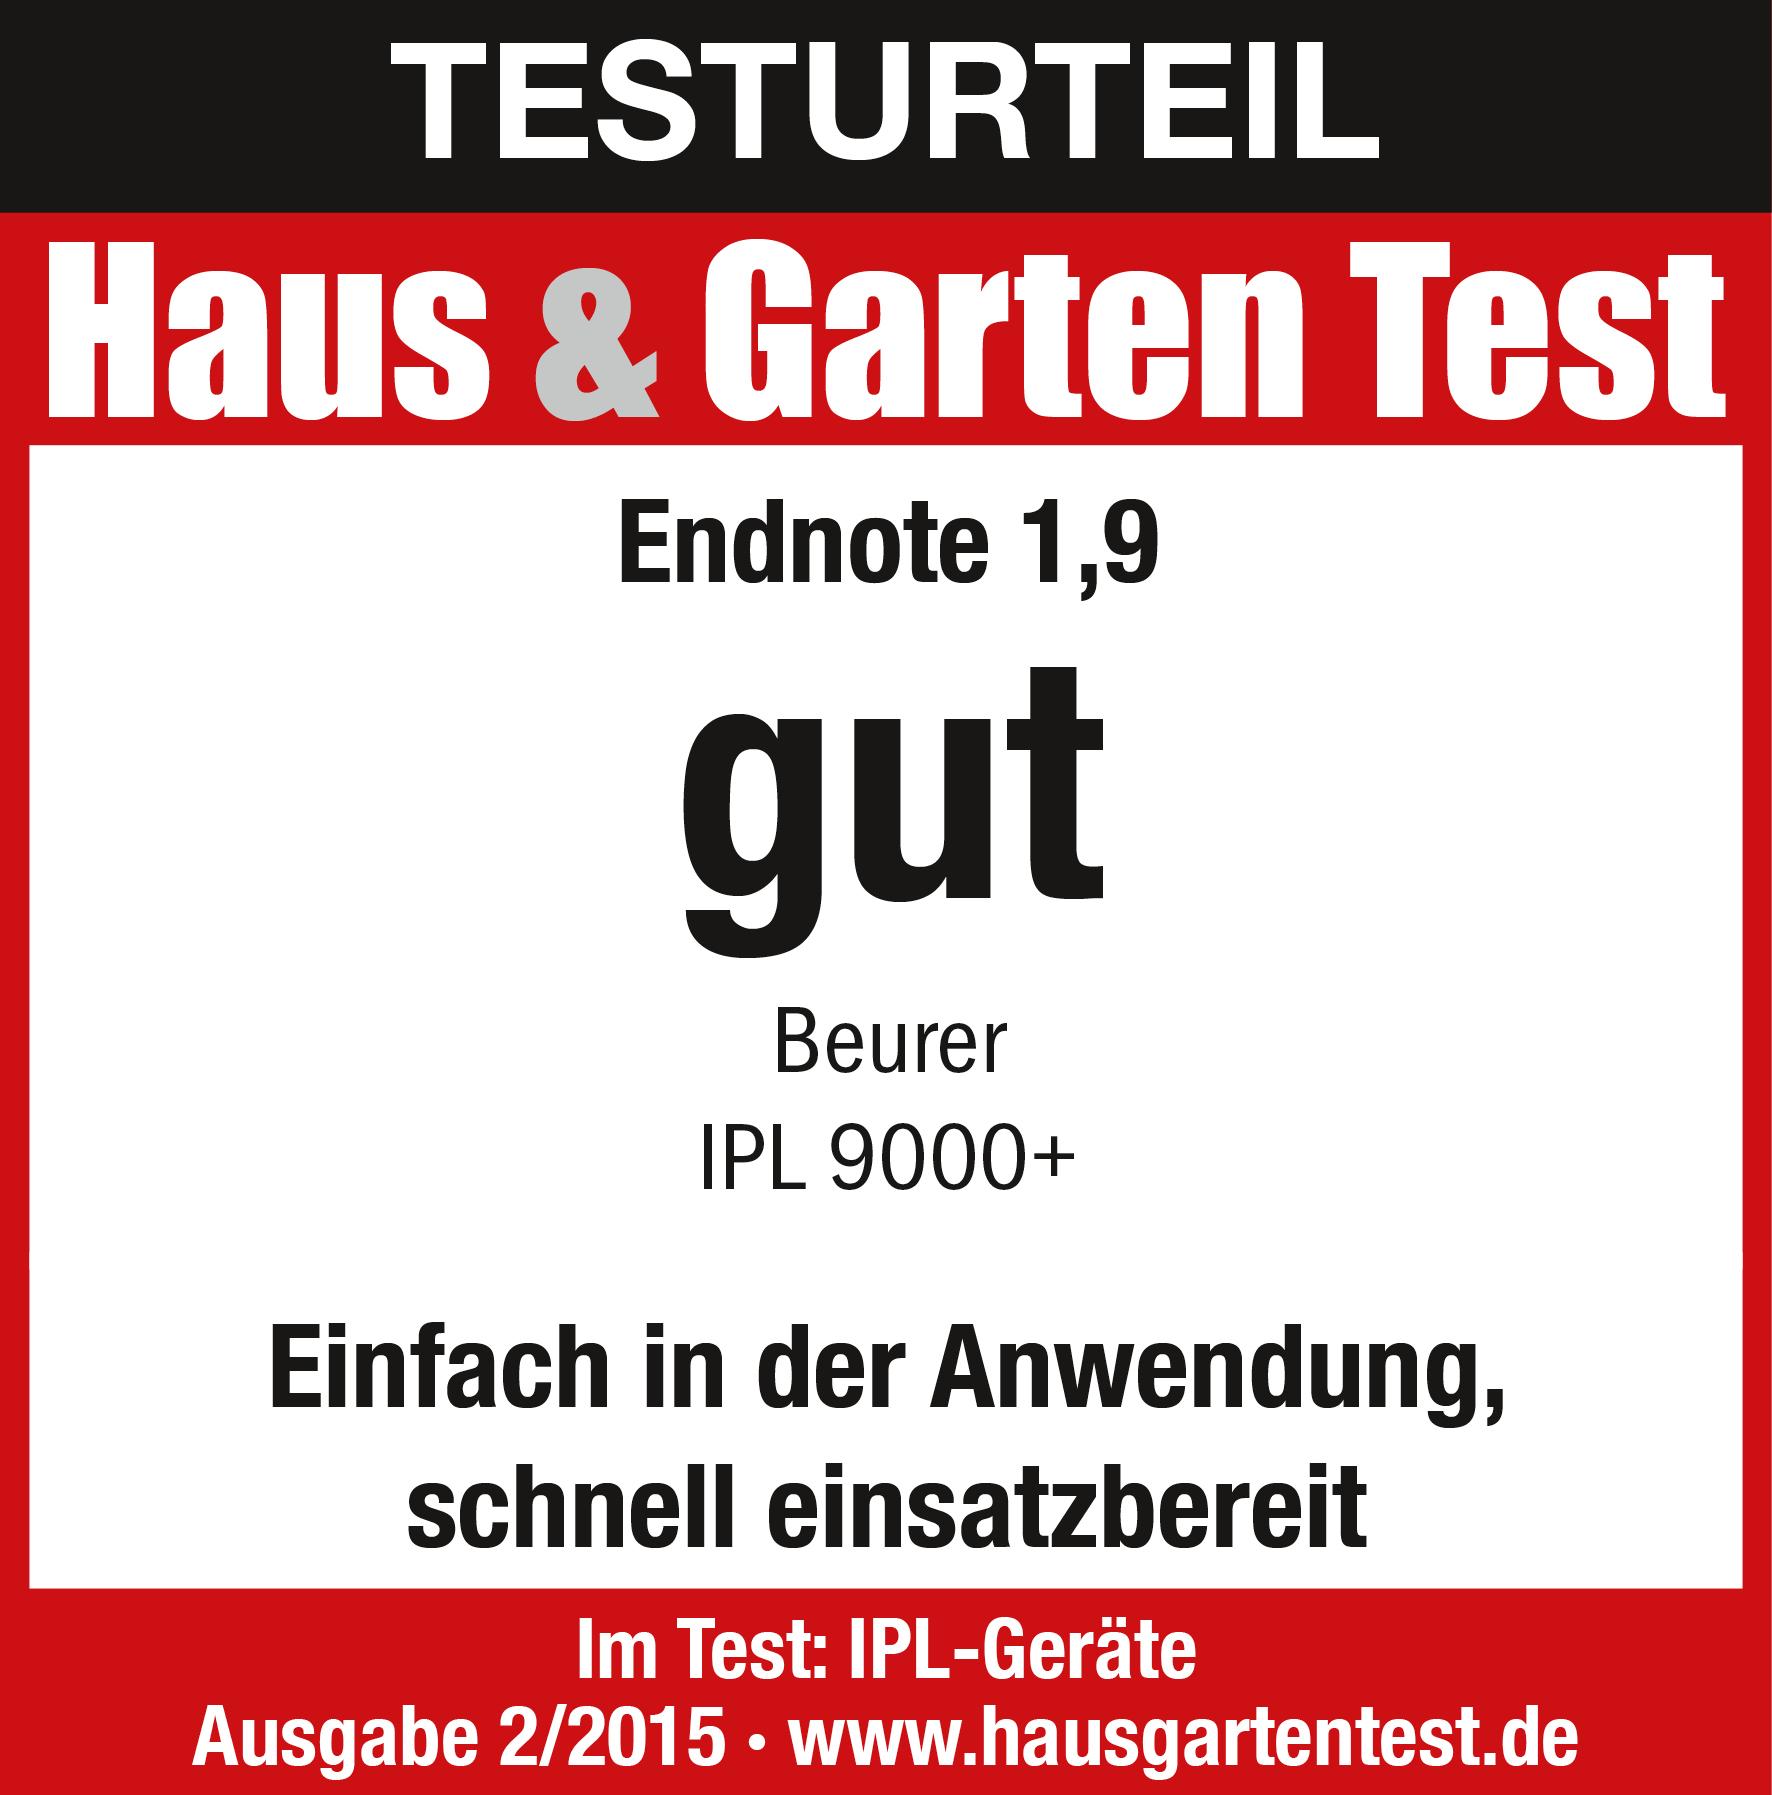 Résultat du test: (1,9): mention Bien pour l'épilateur IPL9000+, 02/2015